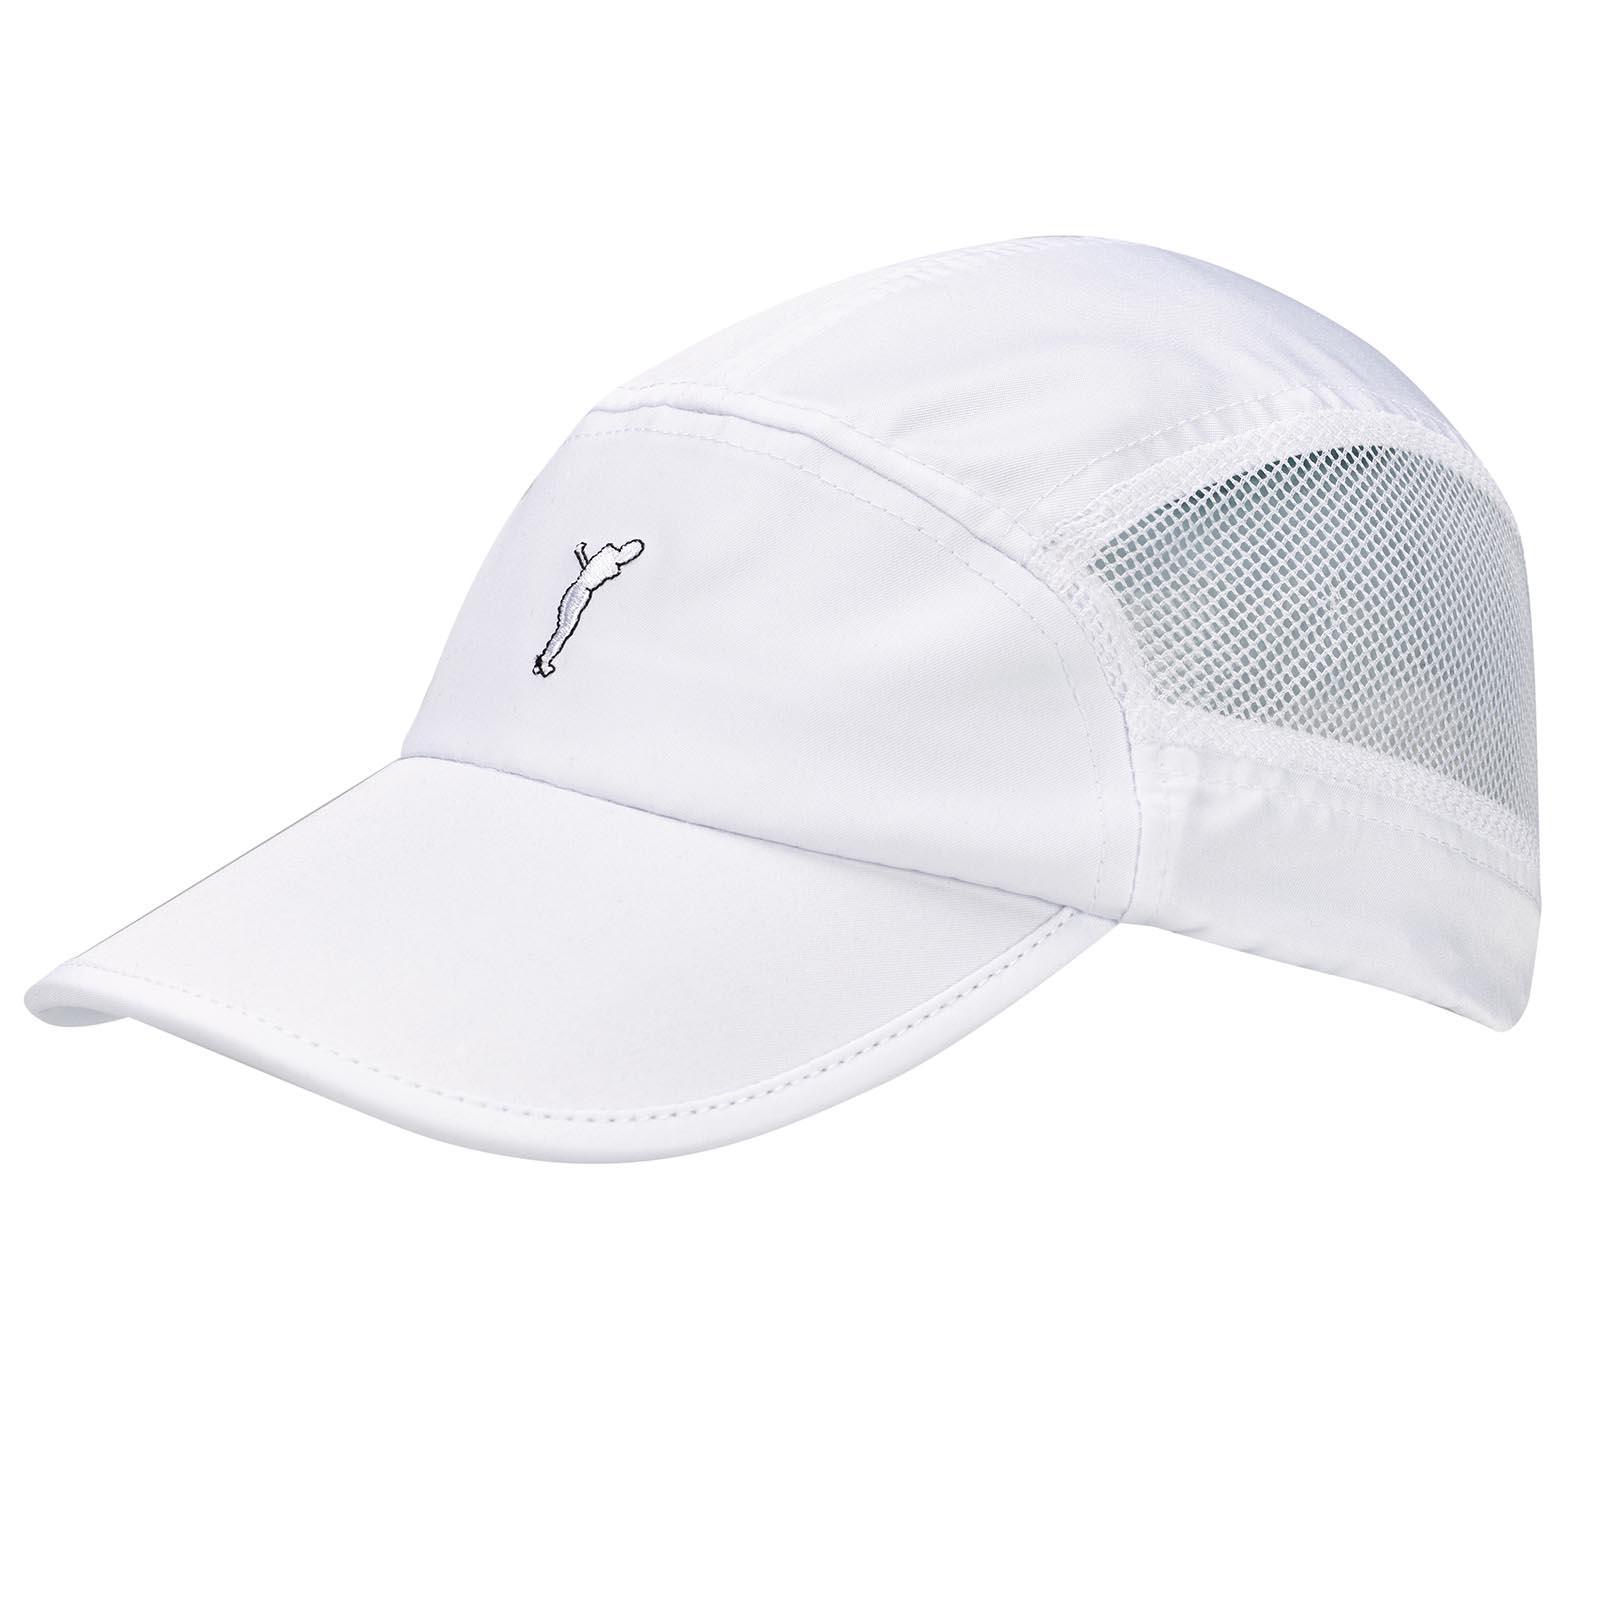 Herren Golfcap mit seitlichen Mesheinsätzen